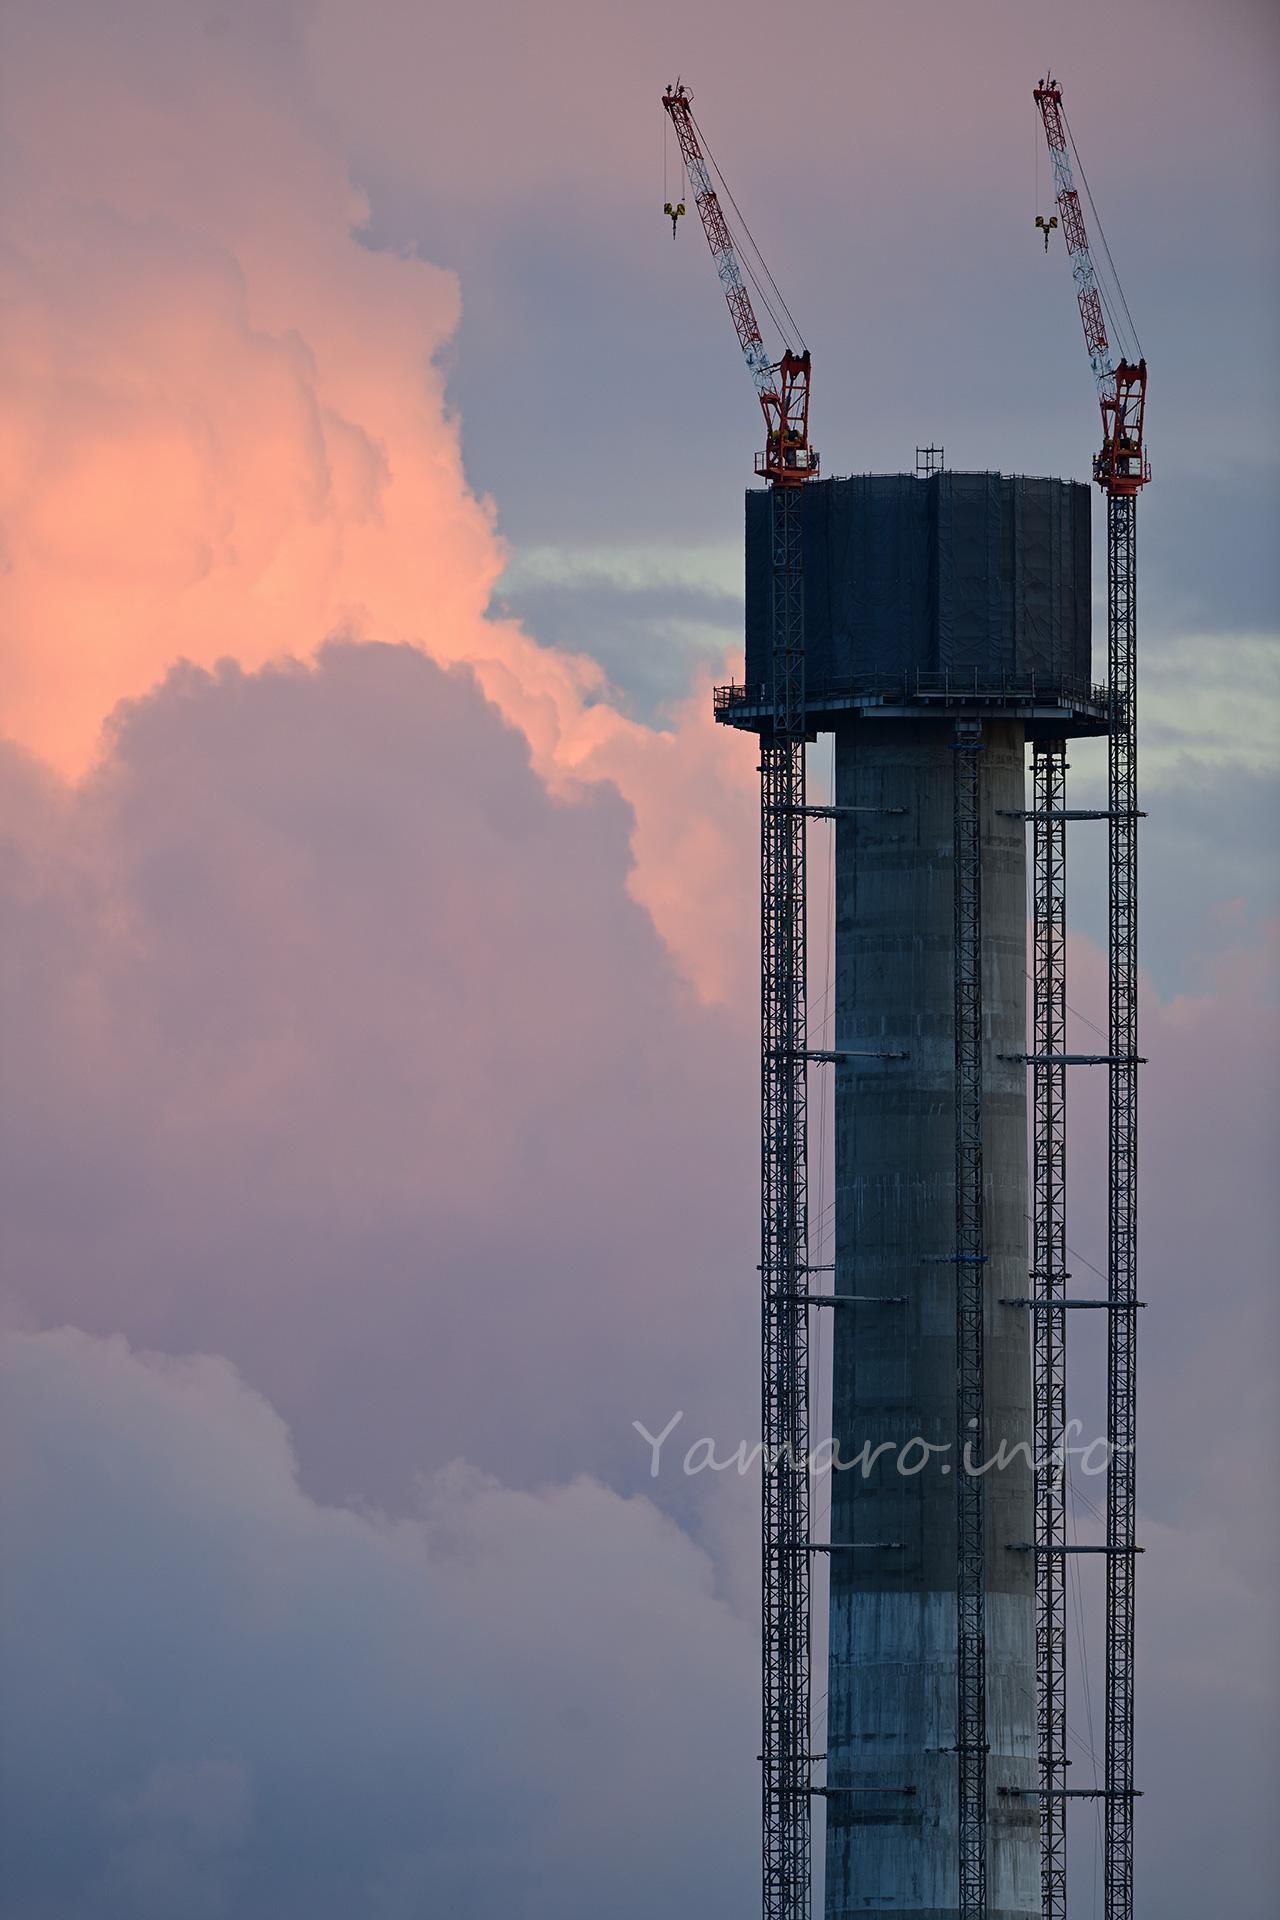 光が丘清掃工場の煙突